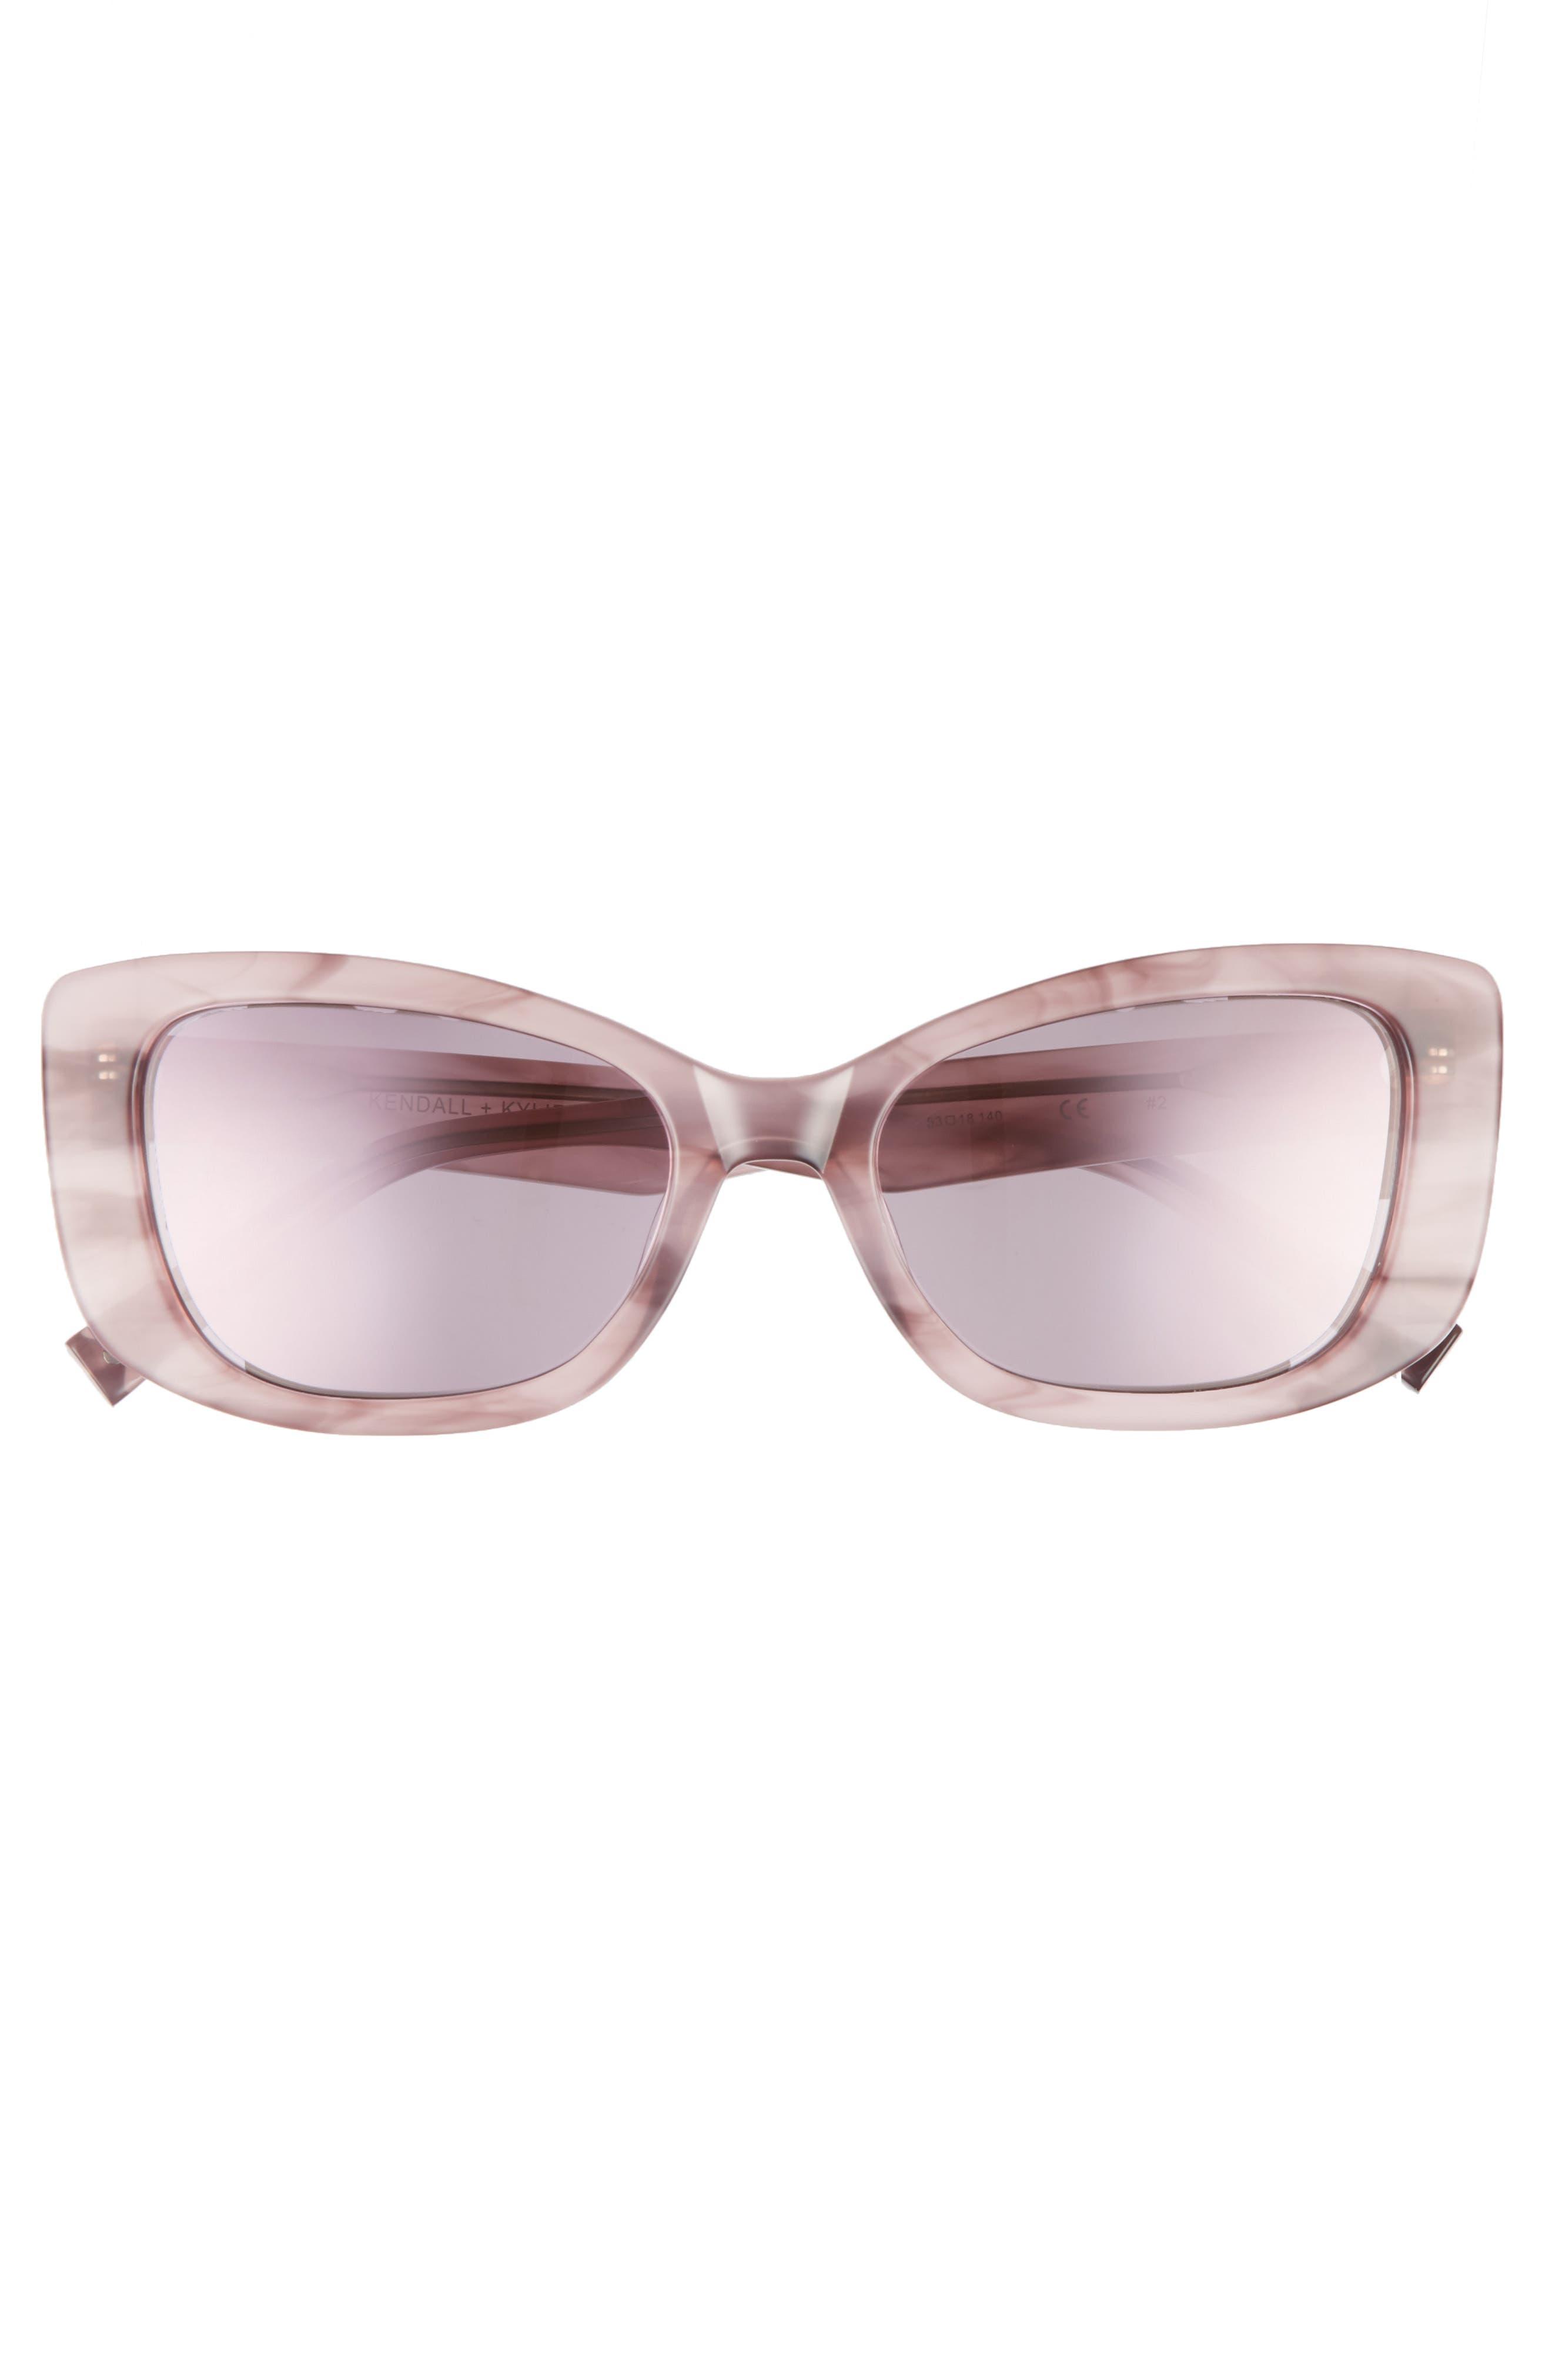 53mm Cat Eye Sunglasses,                             Alternate thumbnail 3, color,                             ROSE HORN